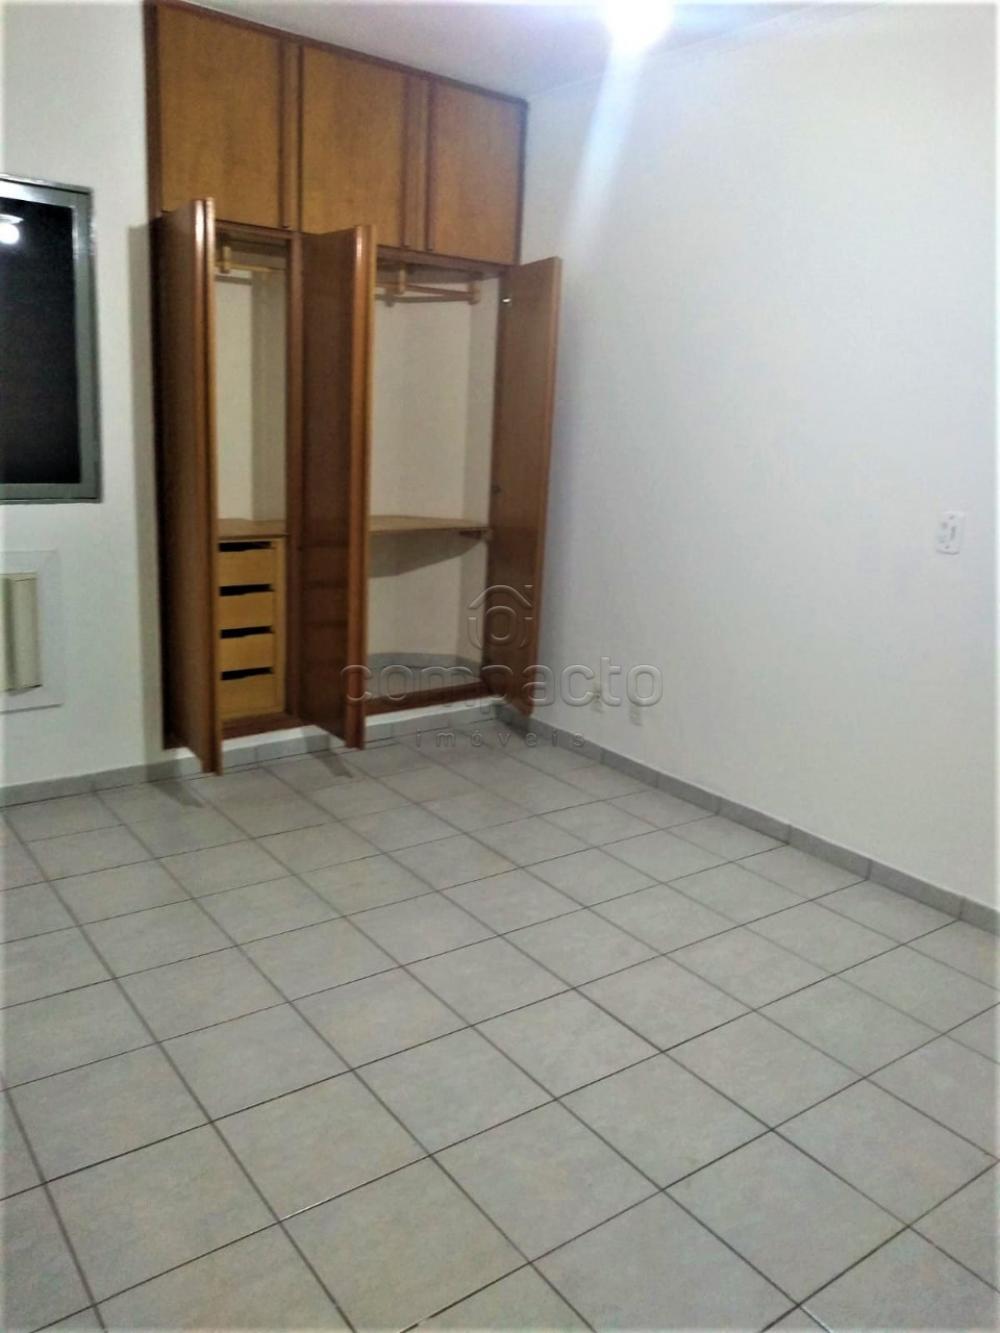 Alugar Apartamento / Padrão em São José do Rio Preto R$ 1.600,00 - Foto 15